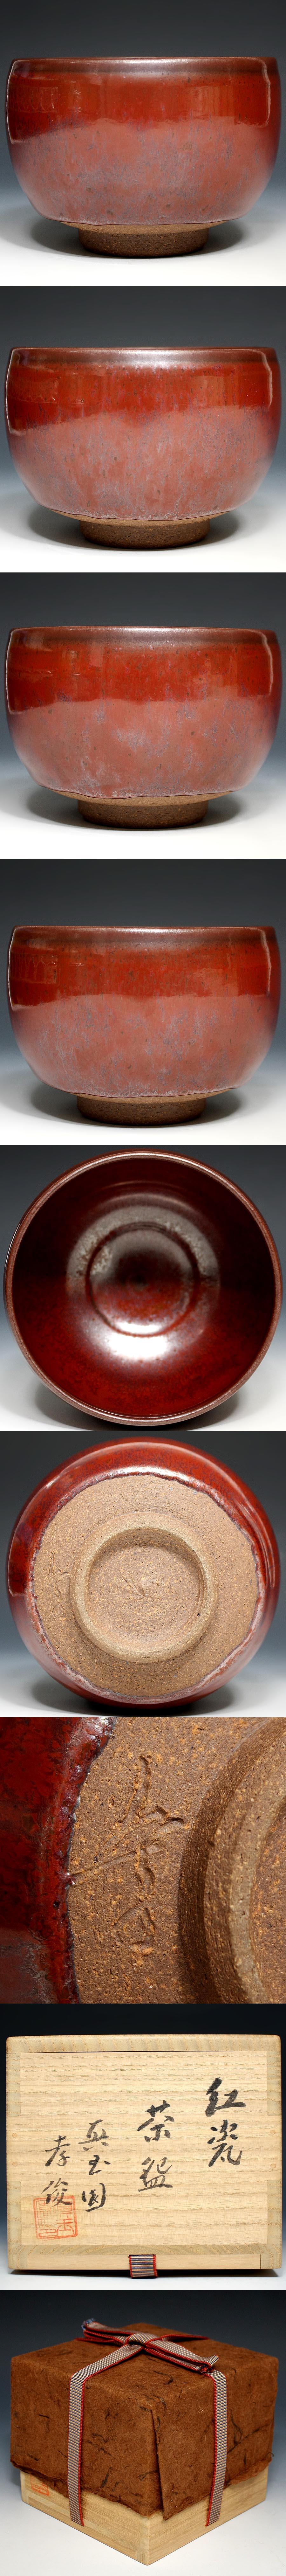 【骨董】【Y's Gallery】本物保証 名工 真玉園 『加藤孝俊』作 紅瓷 (紅磁) 茶碗 共箱 秀逸作 g132の詳細